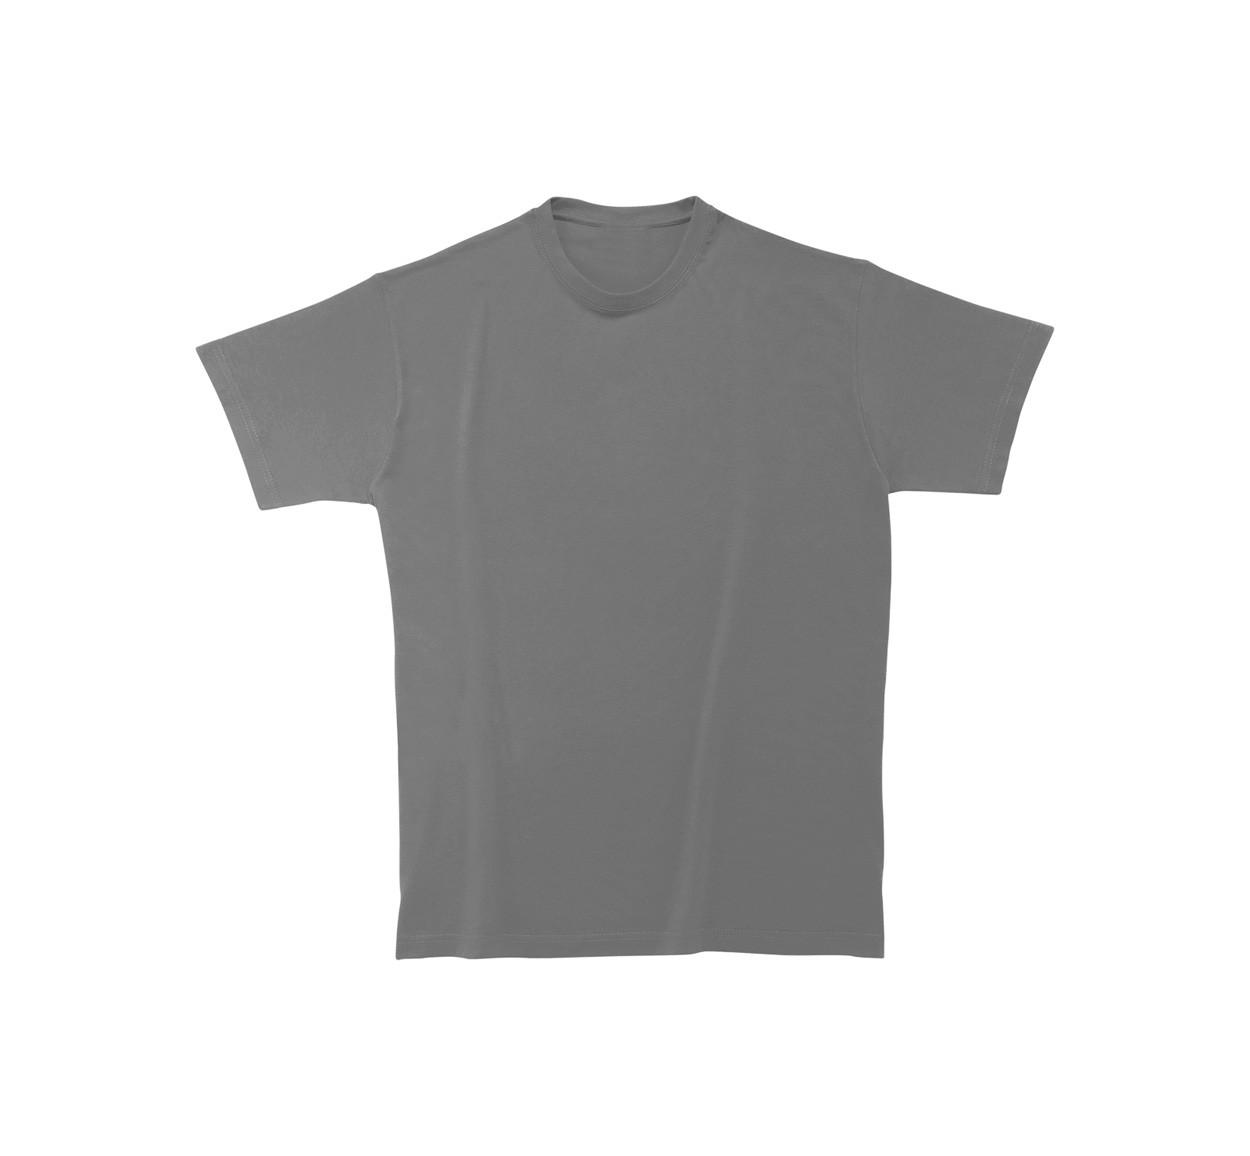 Tričko Heavy Cotton - Tmavě Šedá / L